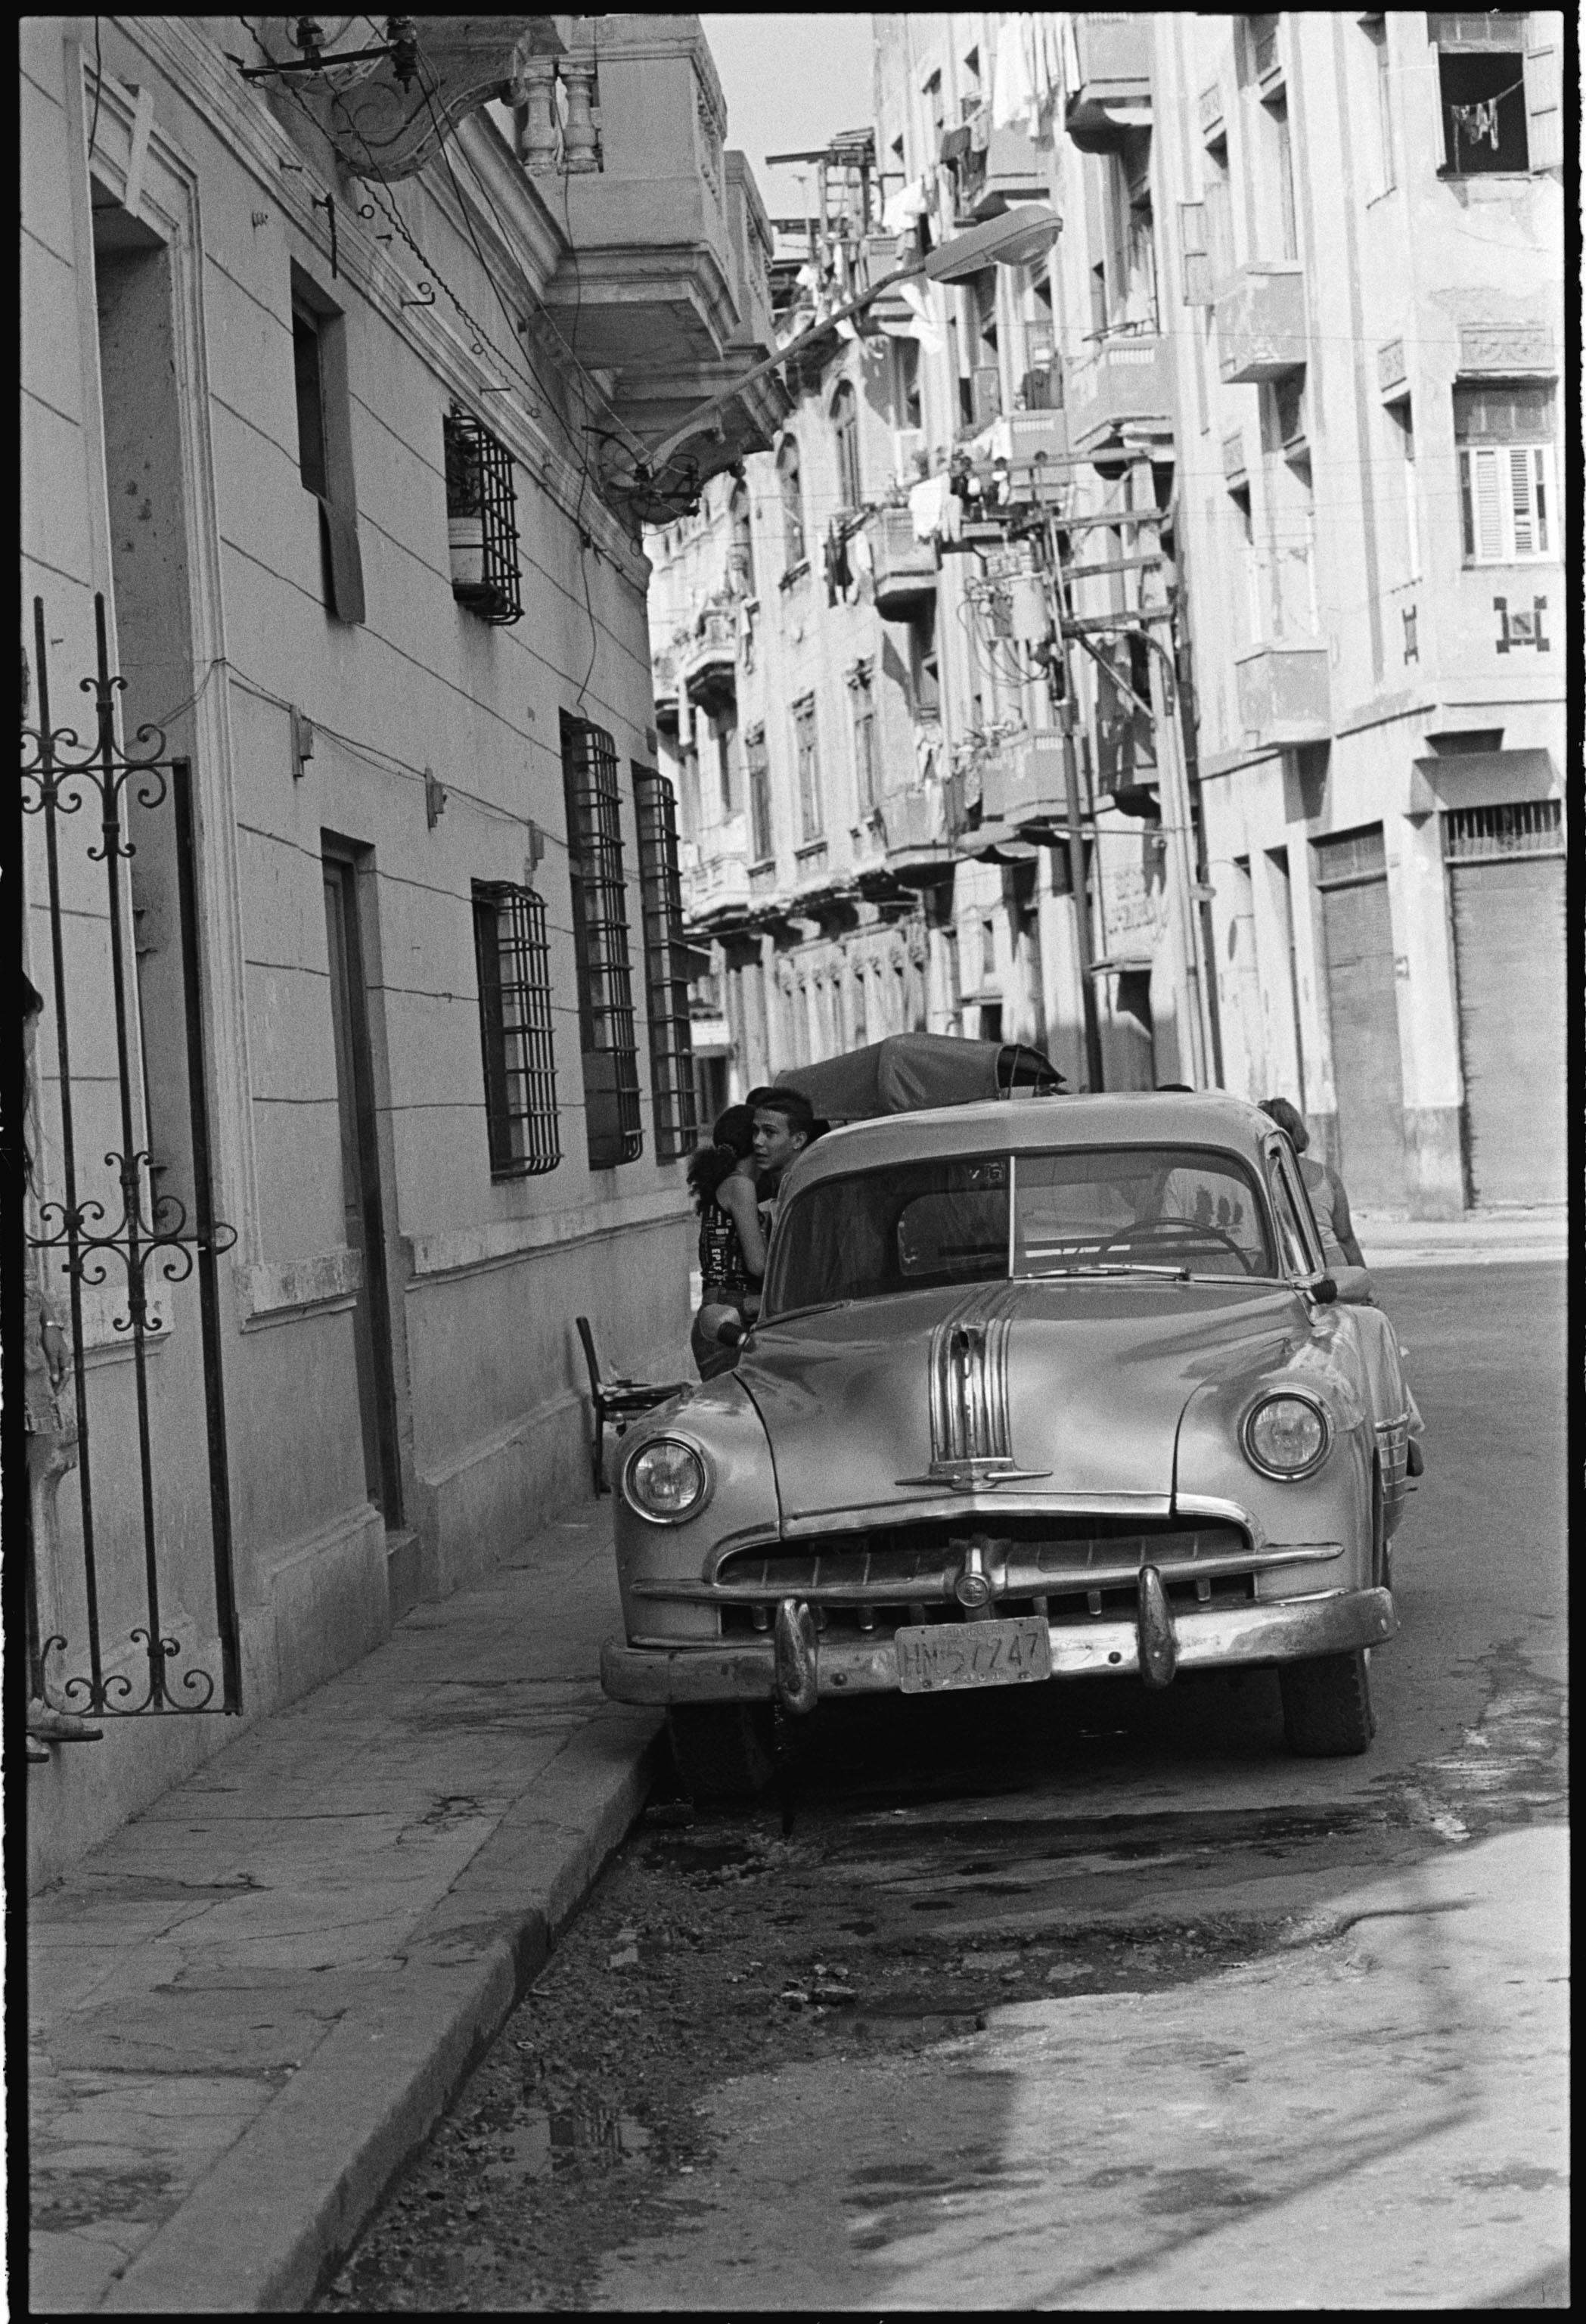 CUBA_HAVANA_4B-2A